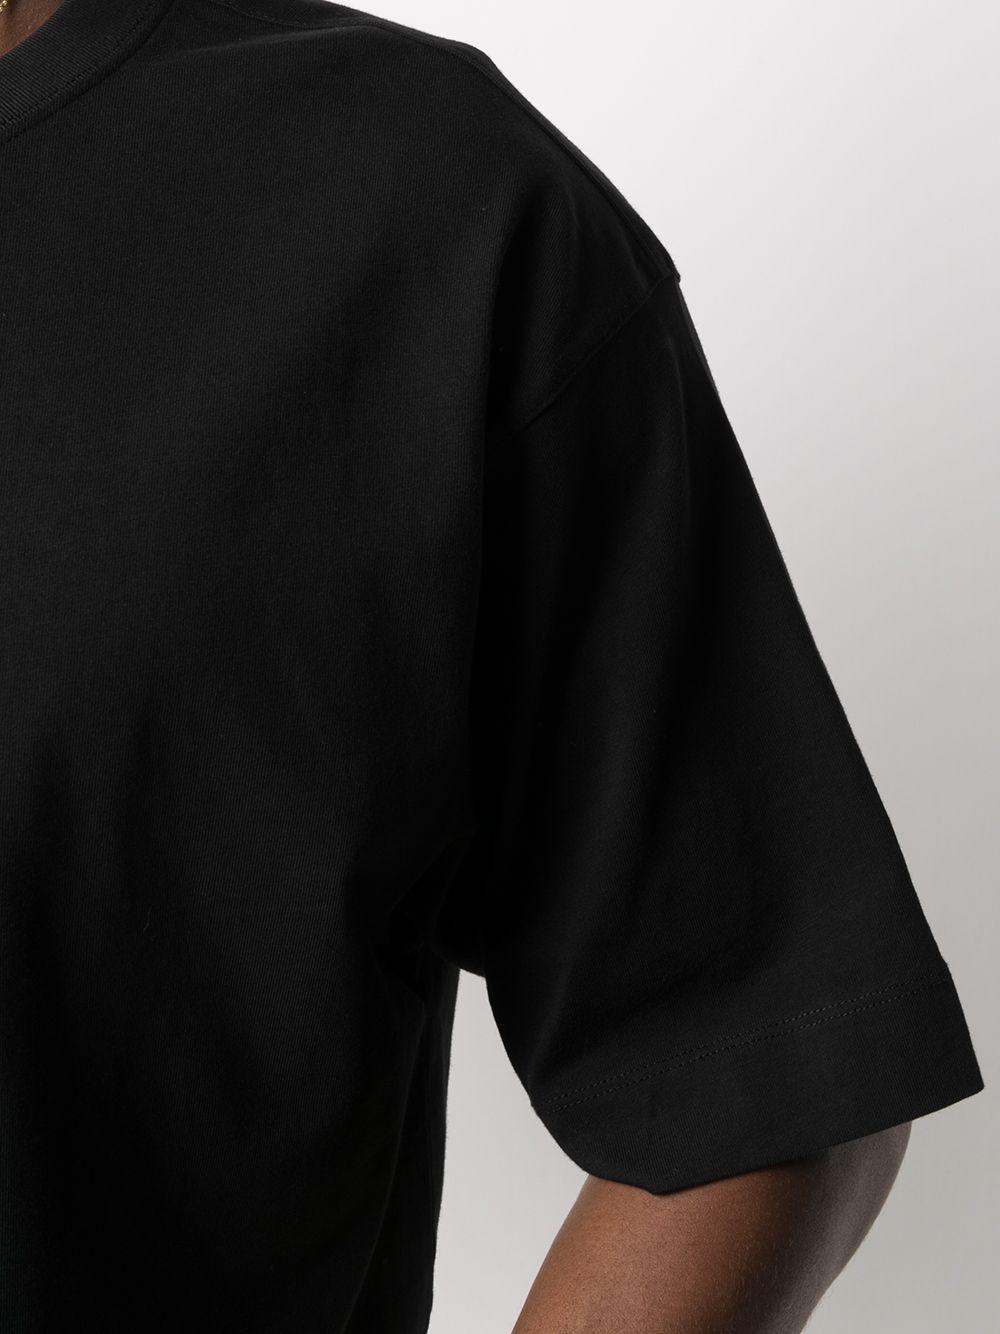 Dries Van Noten t-shirt oversize uomo DRIES VAN NOTEN | T-shirt | HELI2603BLACK